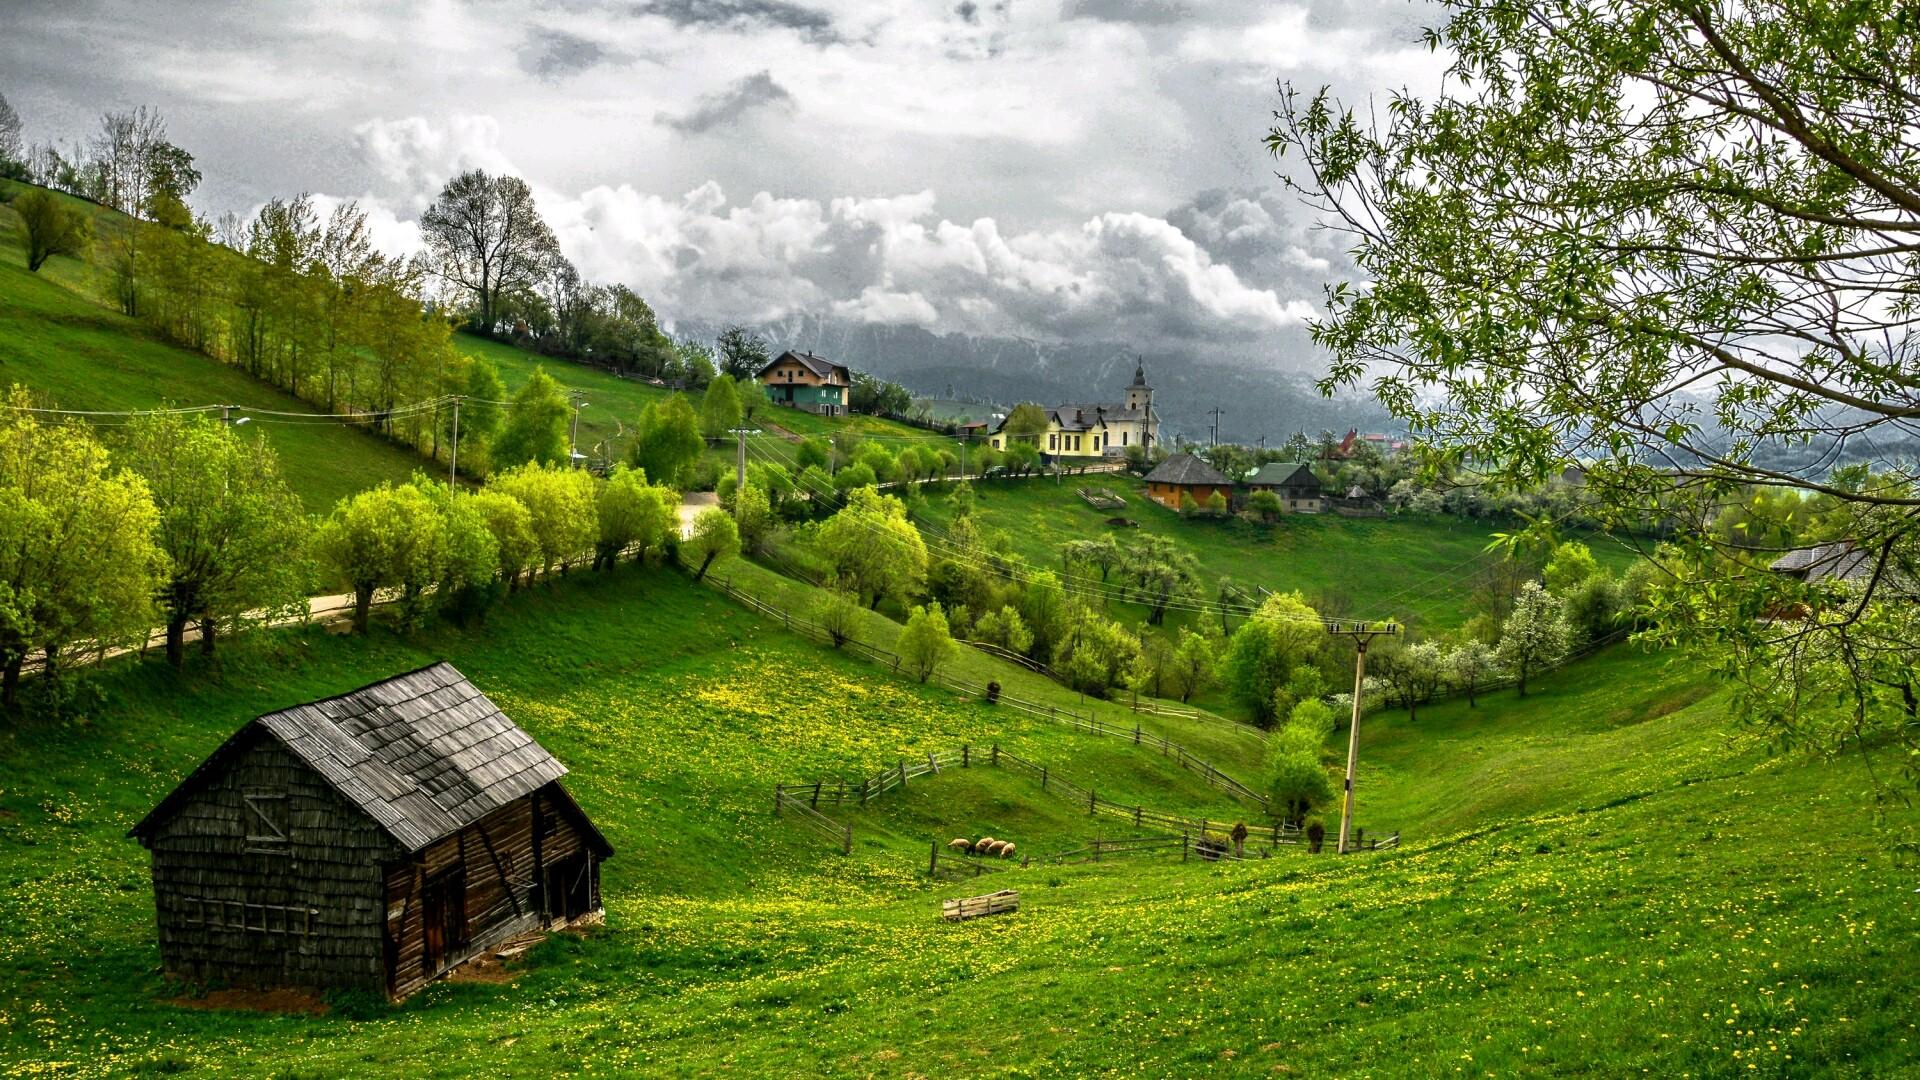 Деревня картинка на рабочий стол